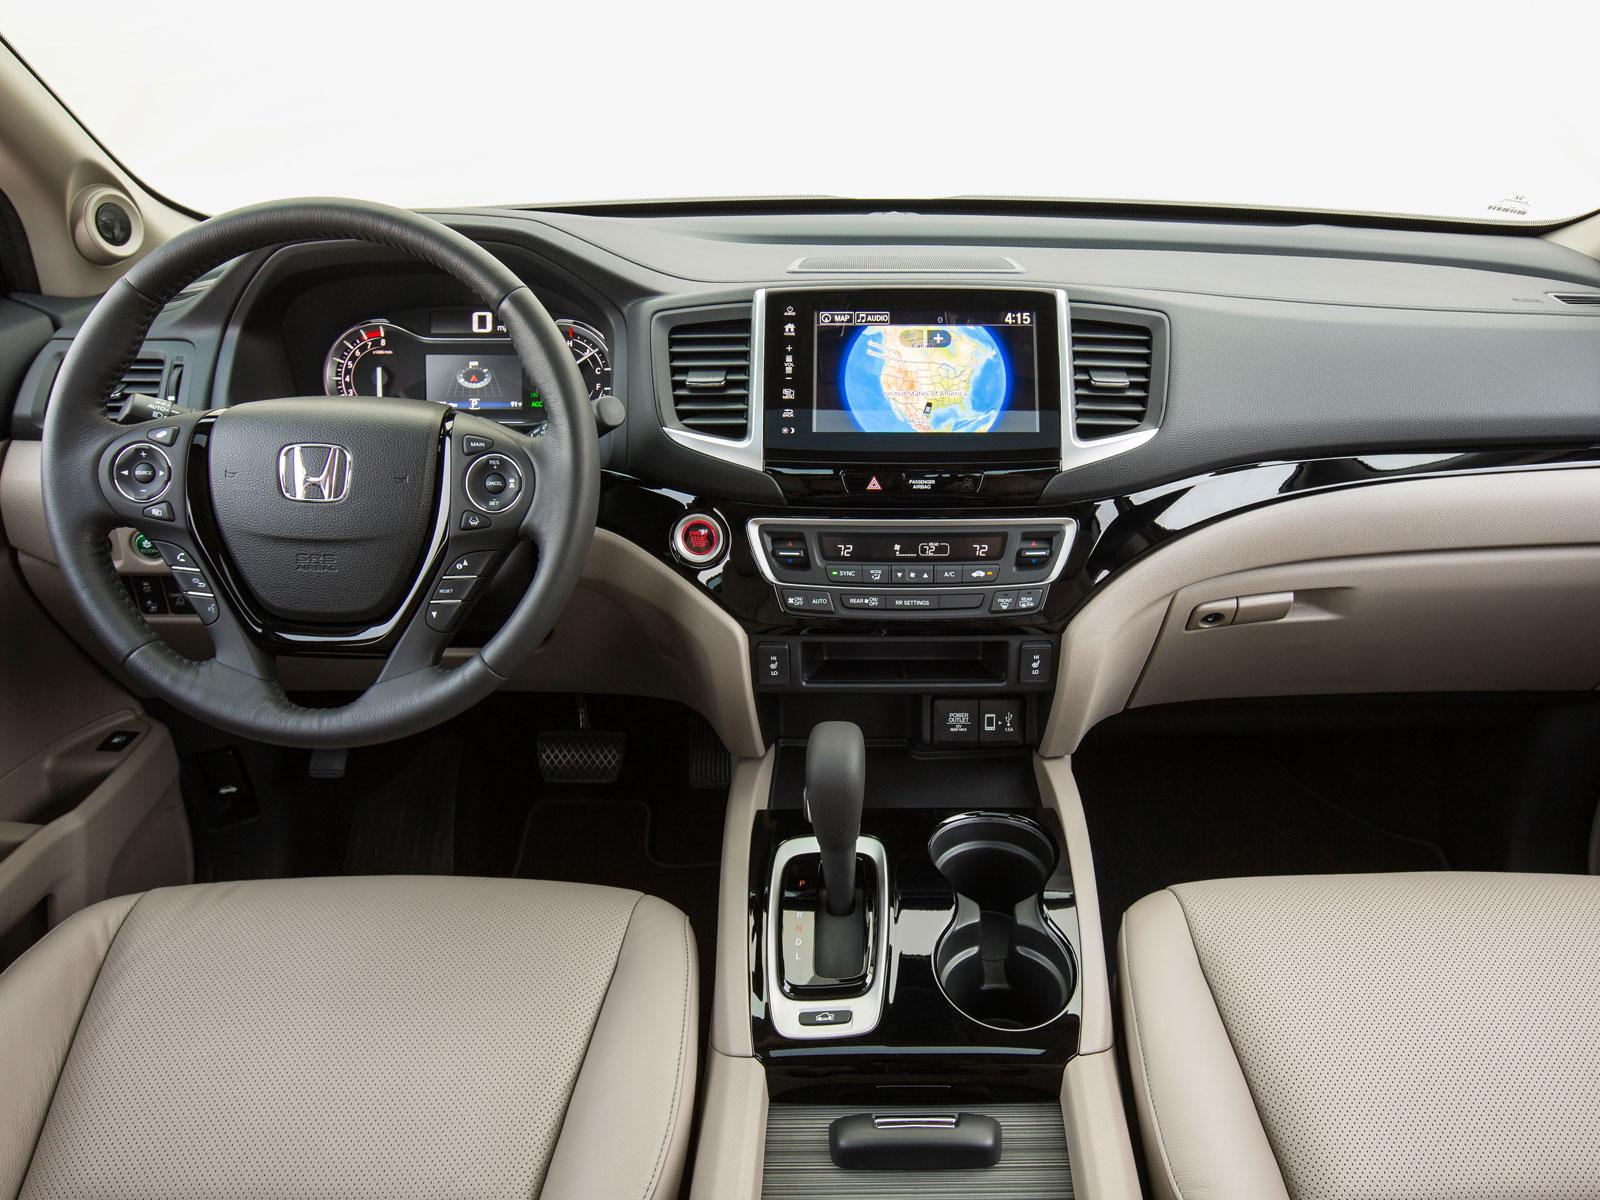 2016 Honda Ridgeline (c) Honda